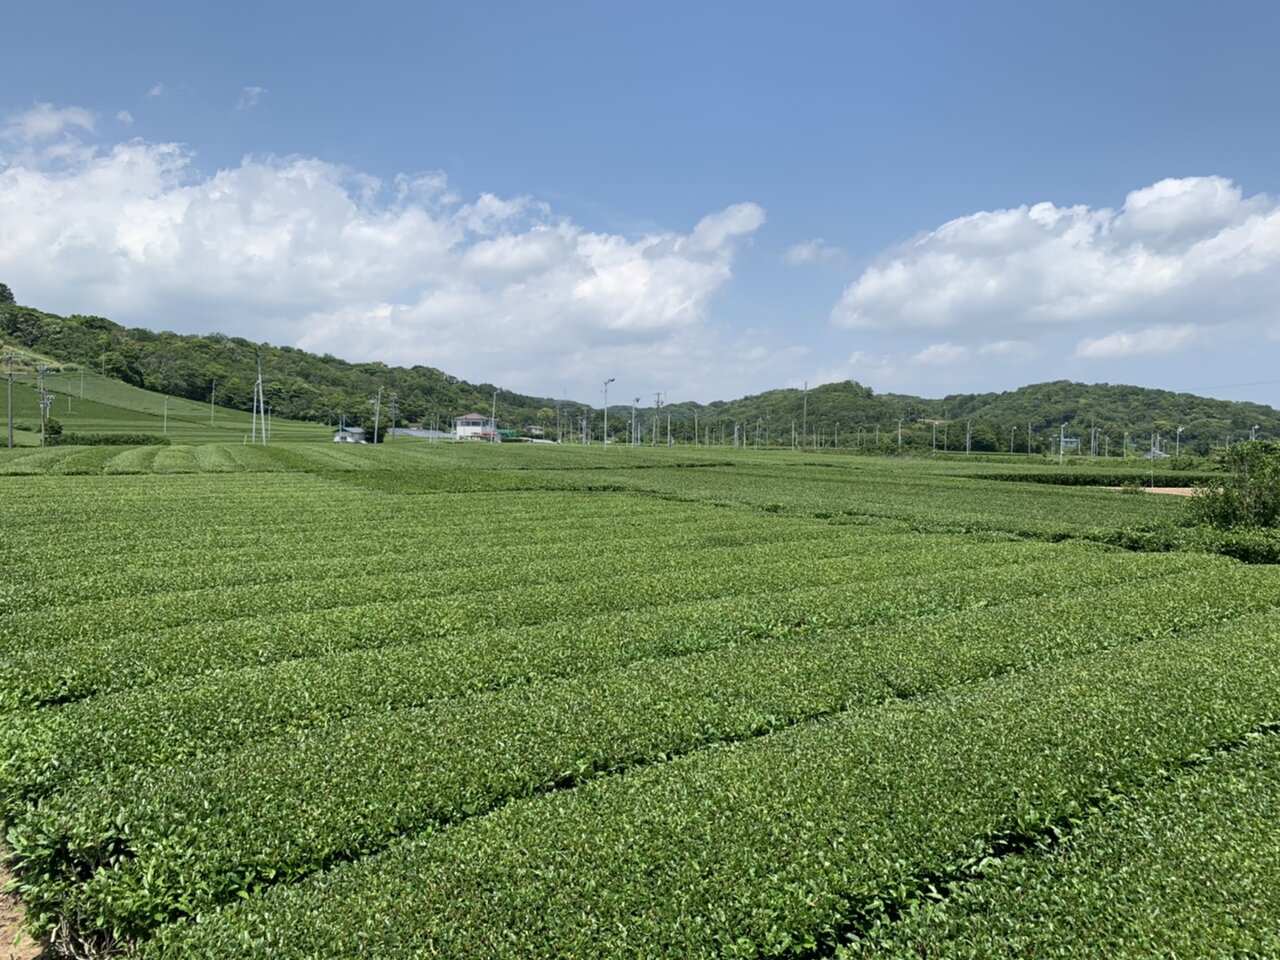 静岡県で耕作放棄地などを大規模な茶園に造成する茶産地育成事業(新産地事業)を開始